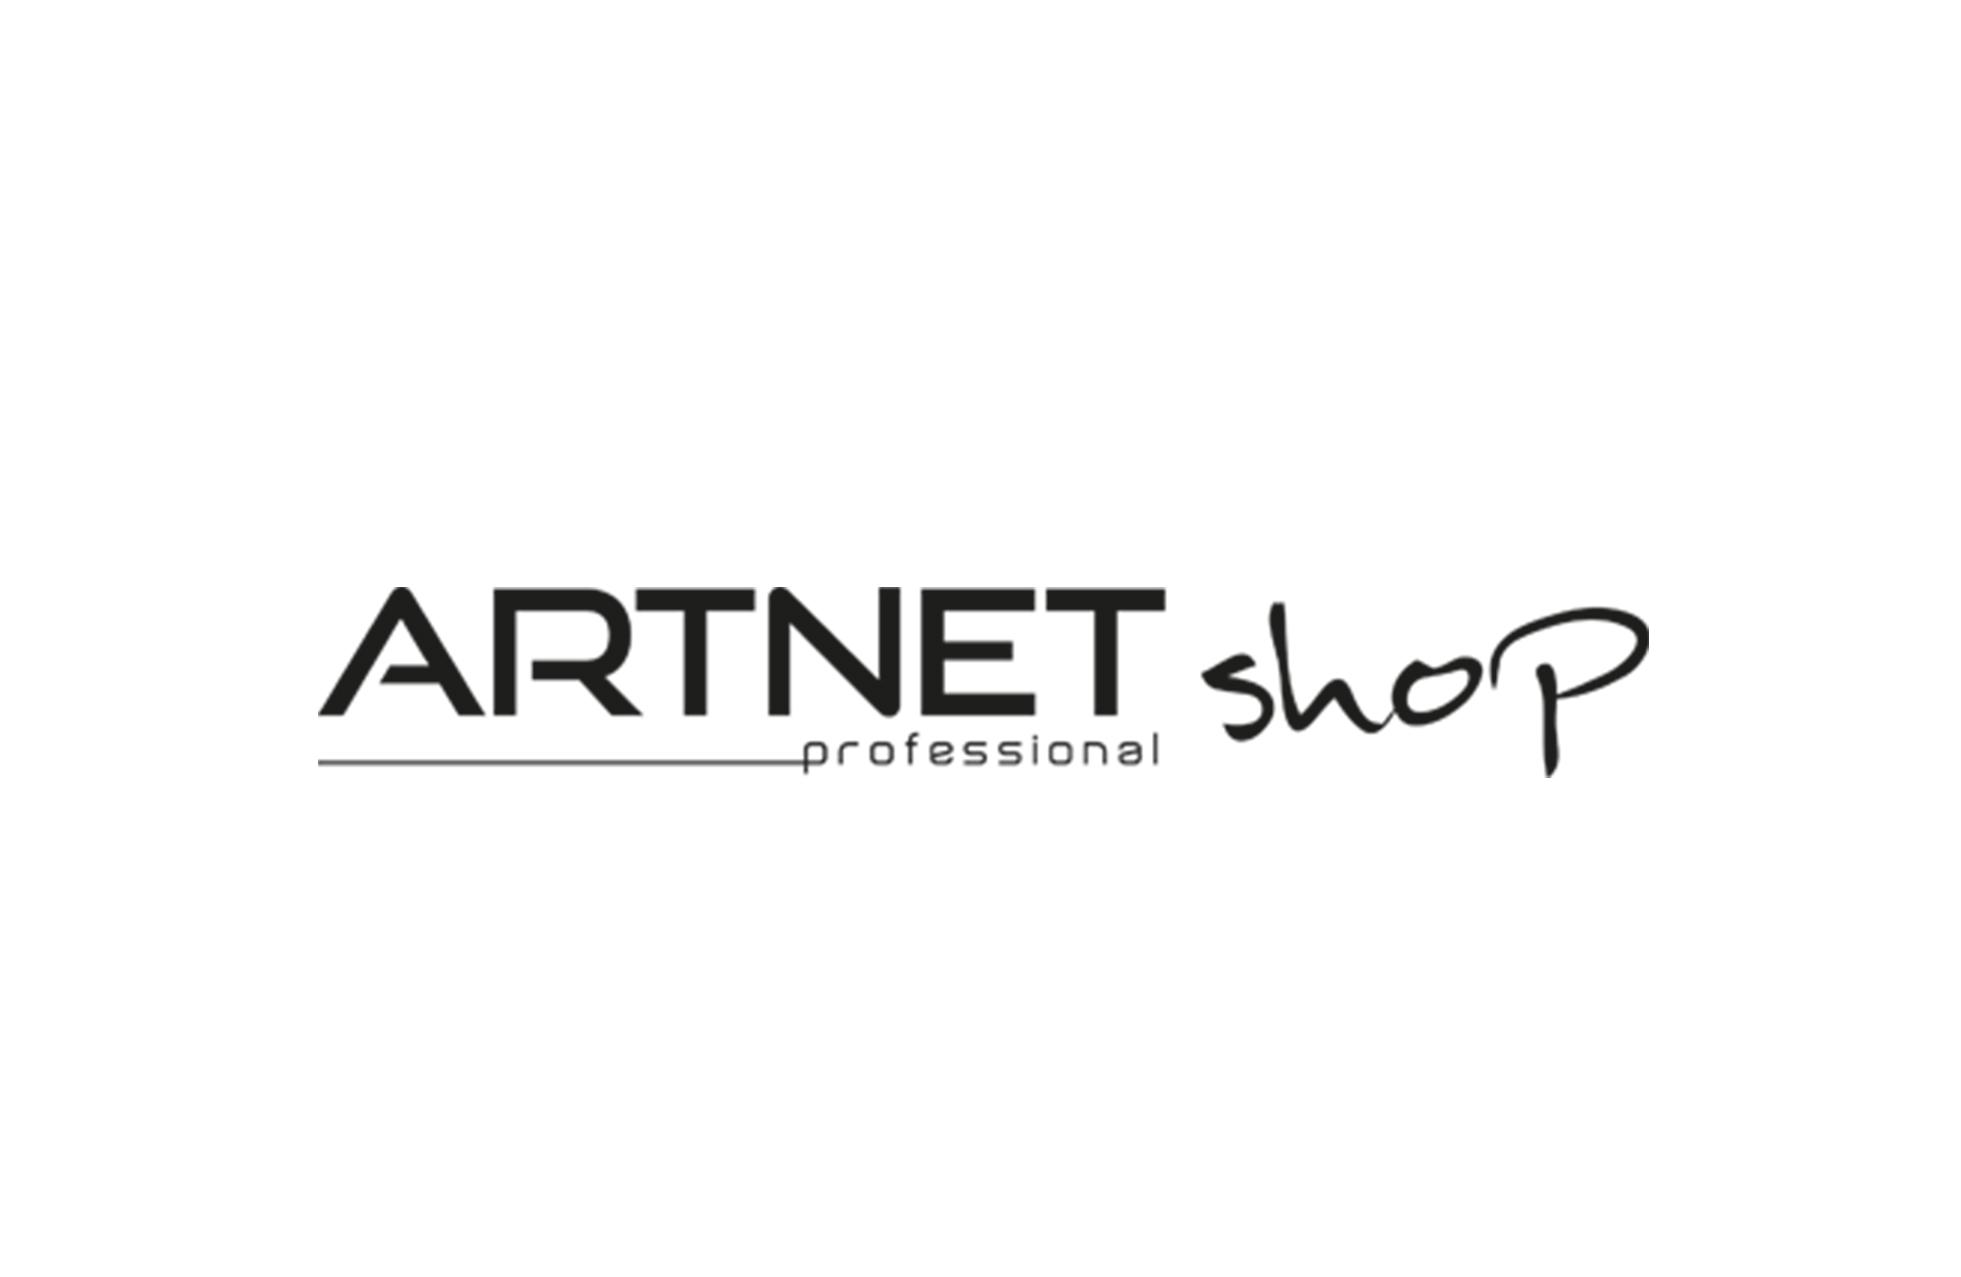 Artnet Professional